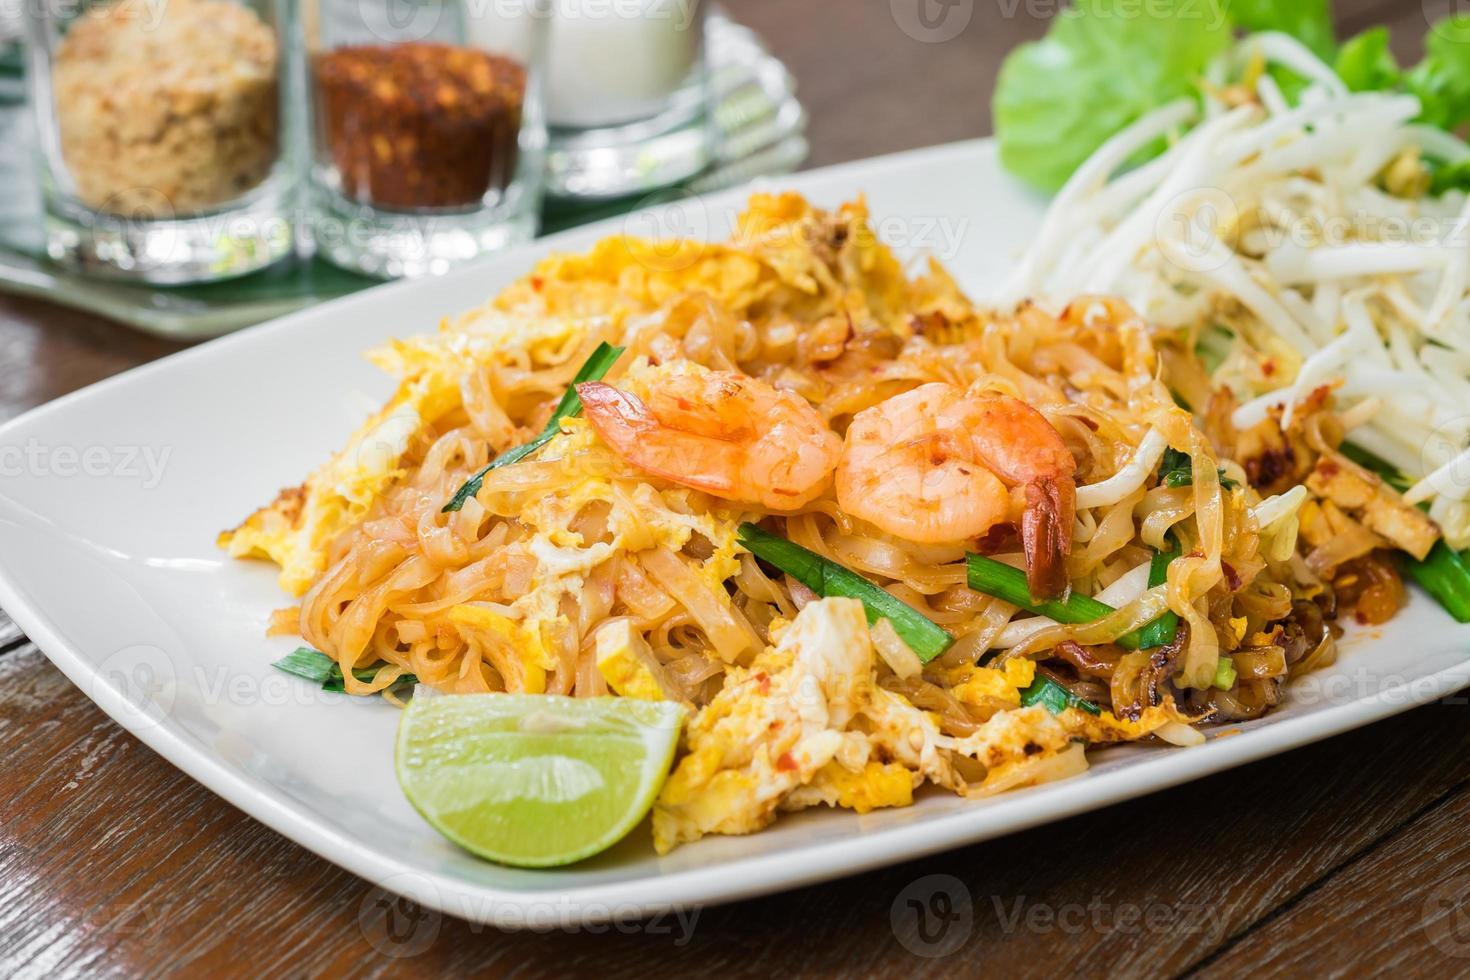 Rör stekta risnudlar med räkor (thai thai), thailändsk mat foto